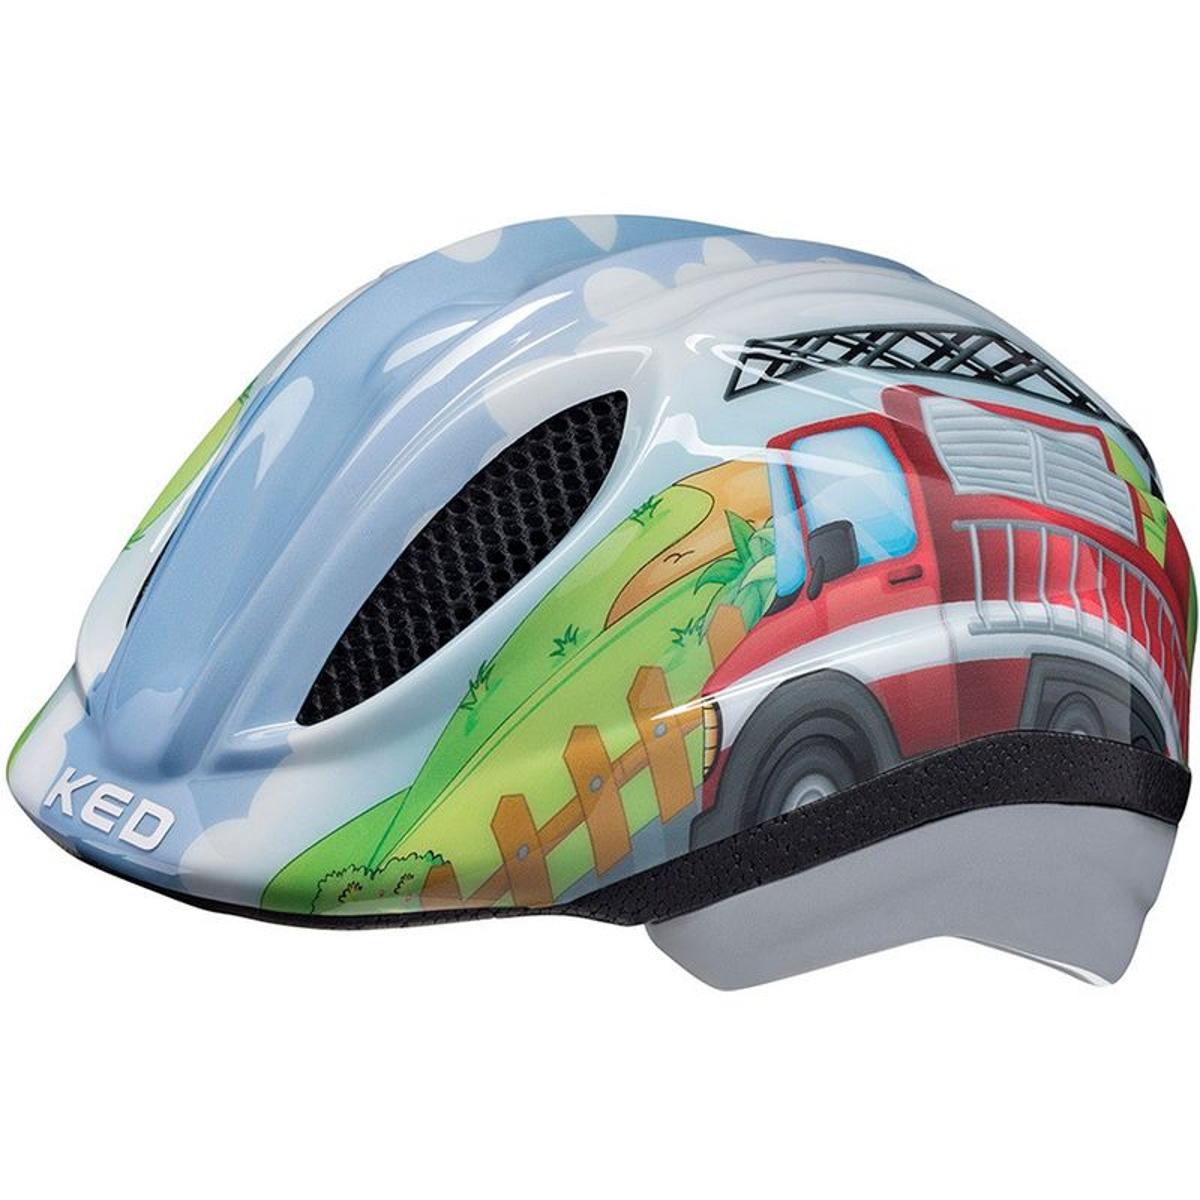 Meggy Trend - Casque de vélo Enfant - Multicolore